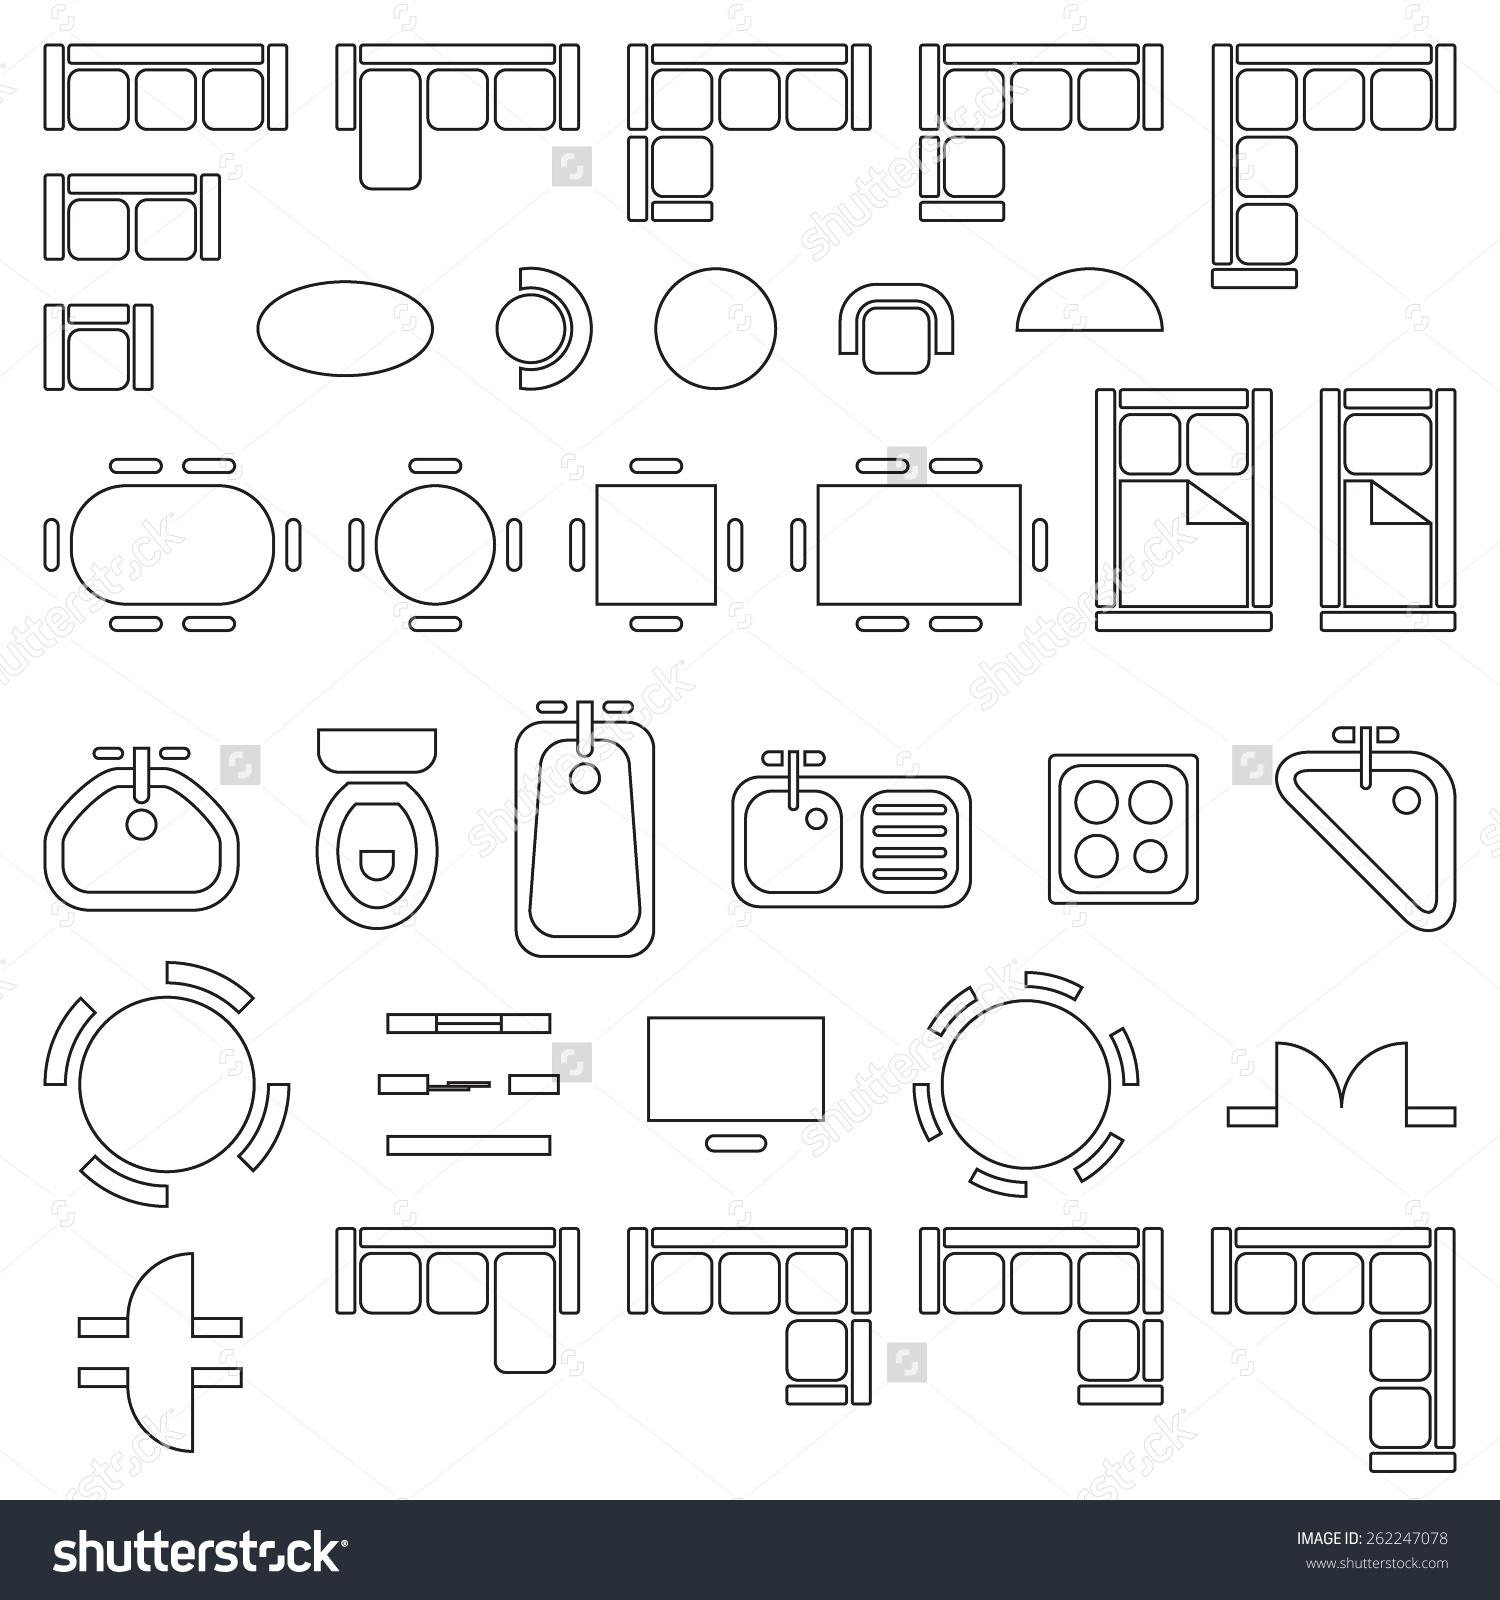 Free Architecture Symbols Cliparts Download Free Clip Art Free Clip Art On Clipart Library